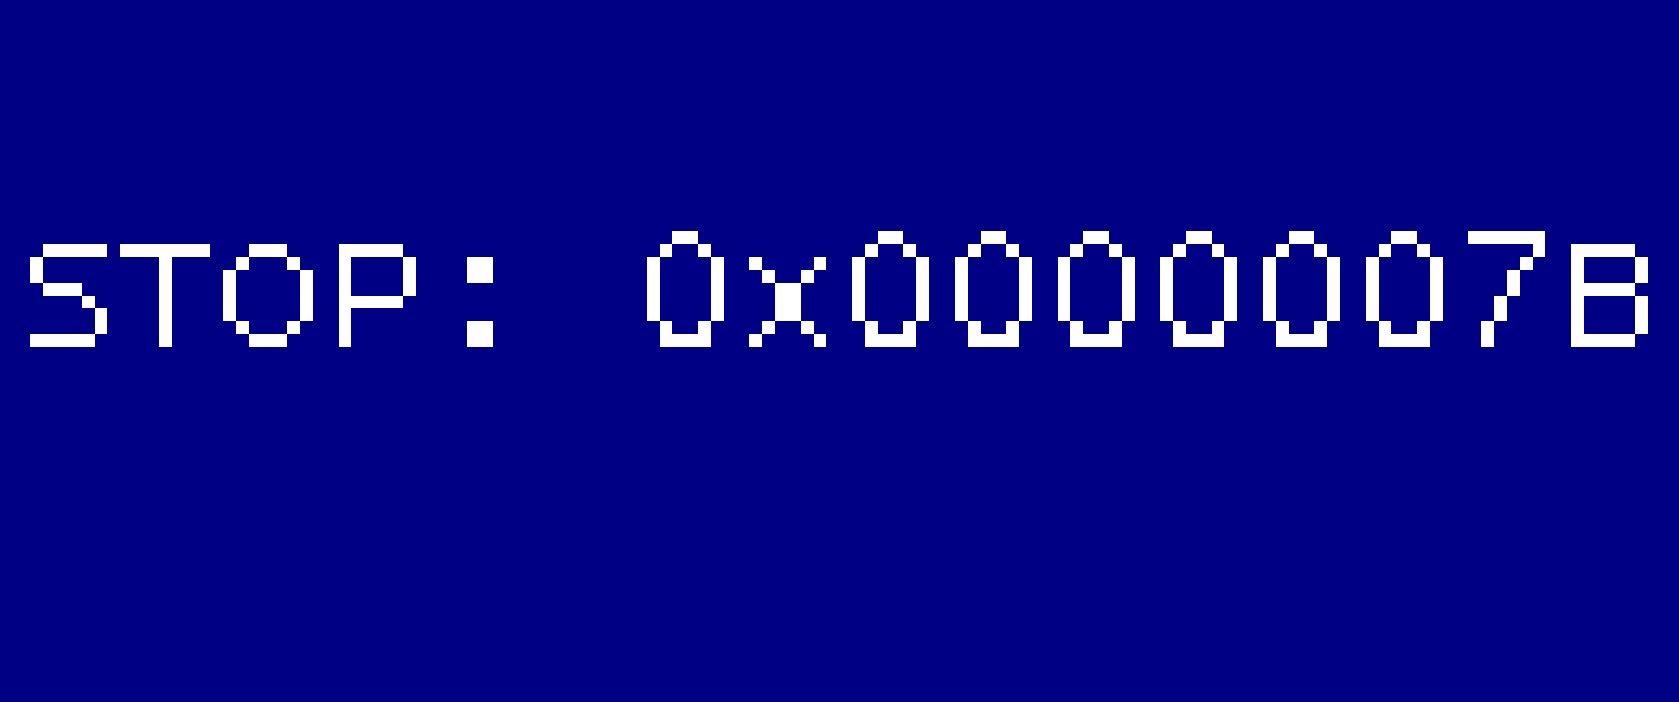 stop_0x0000007b №9